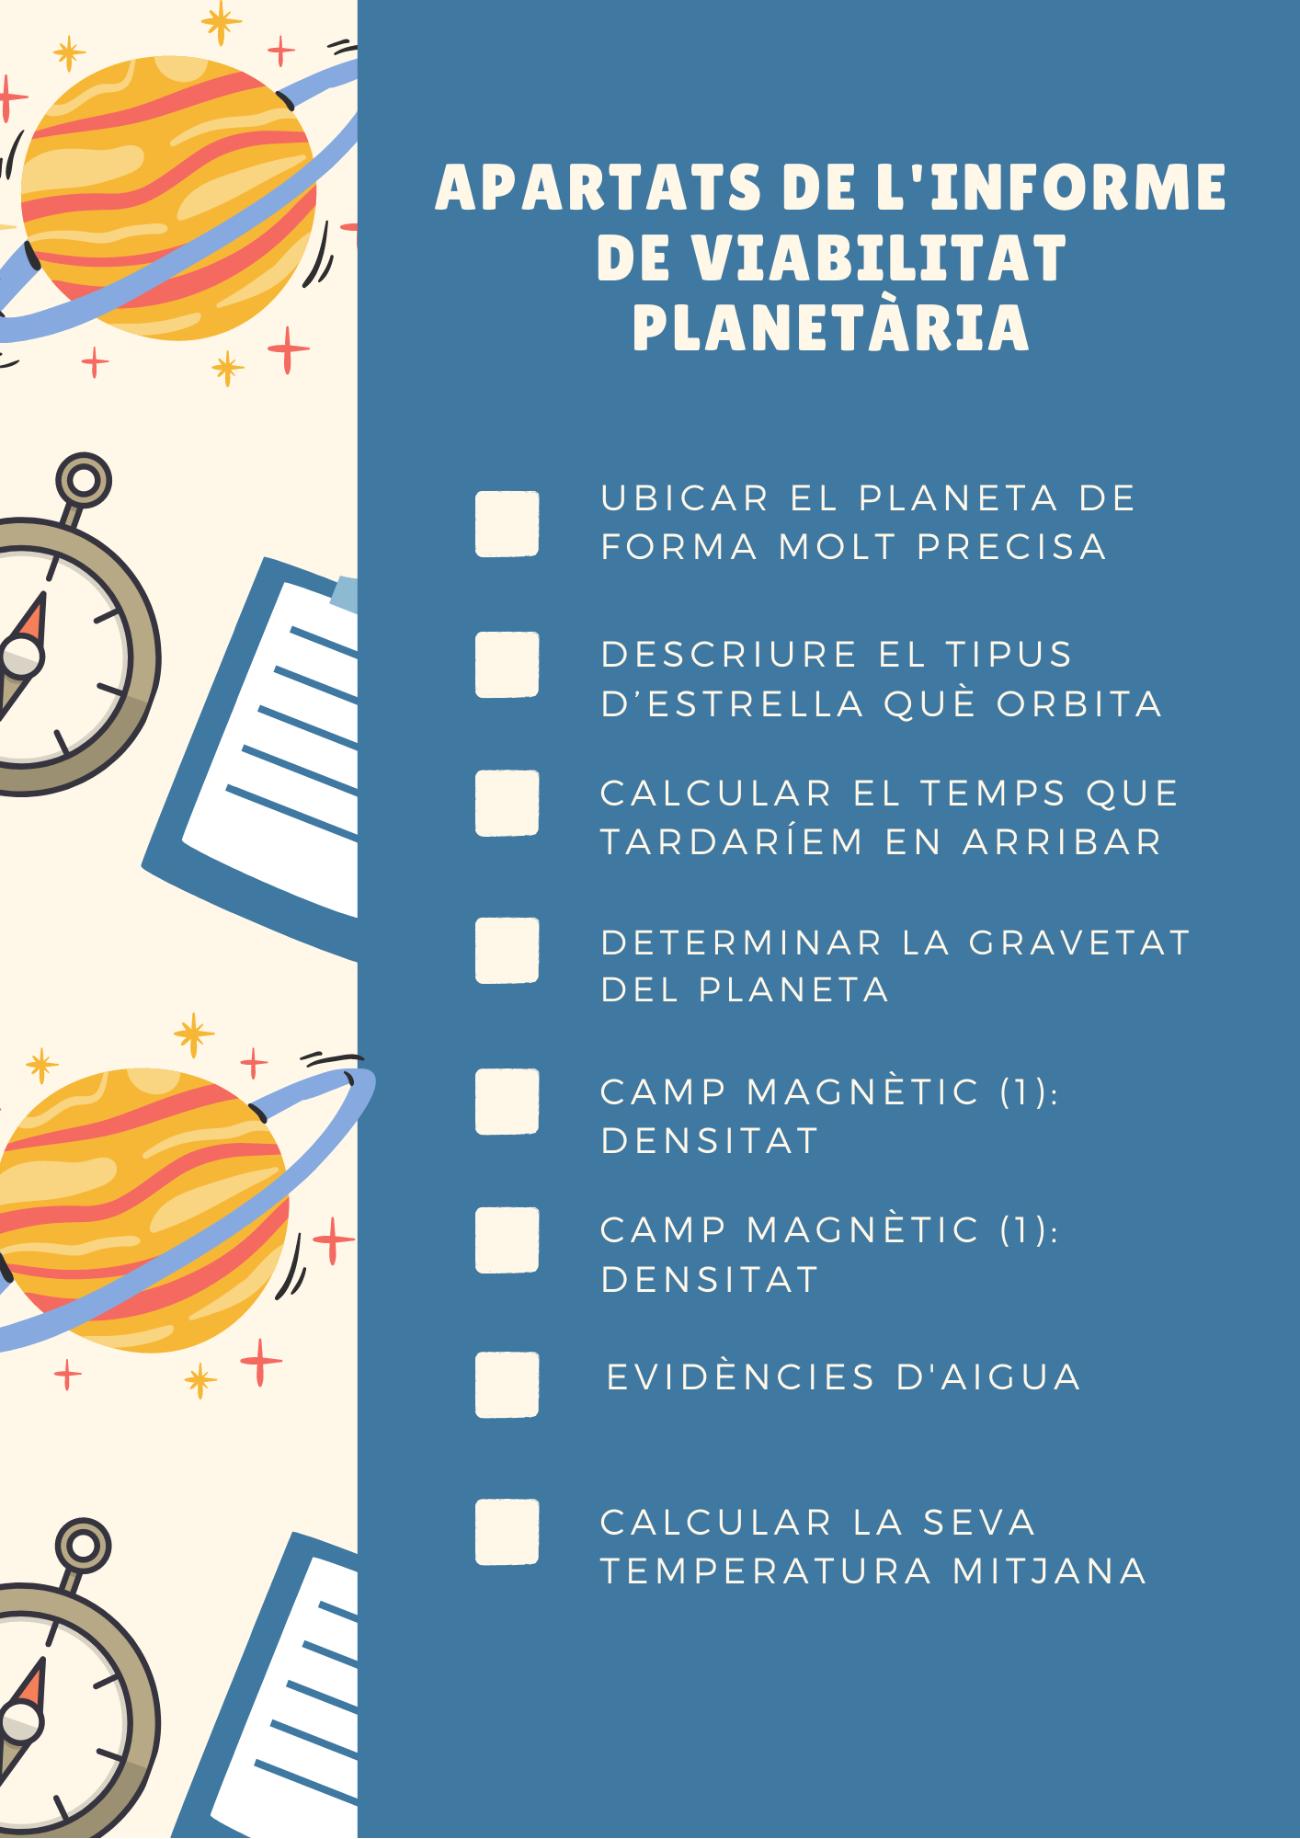 Informe de viabilidad planetaria.